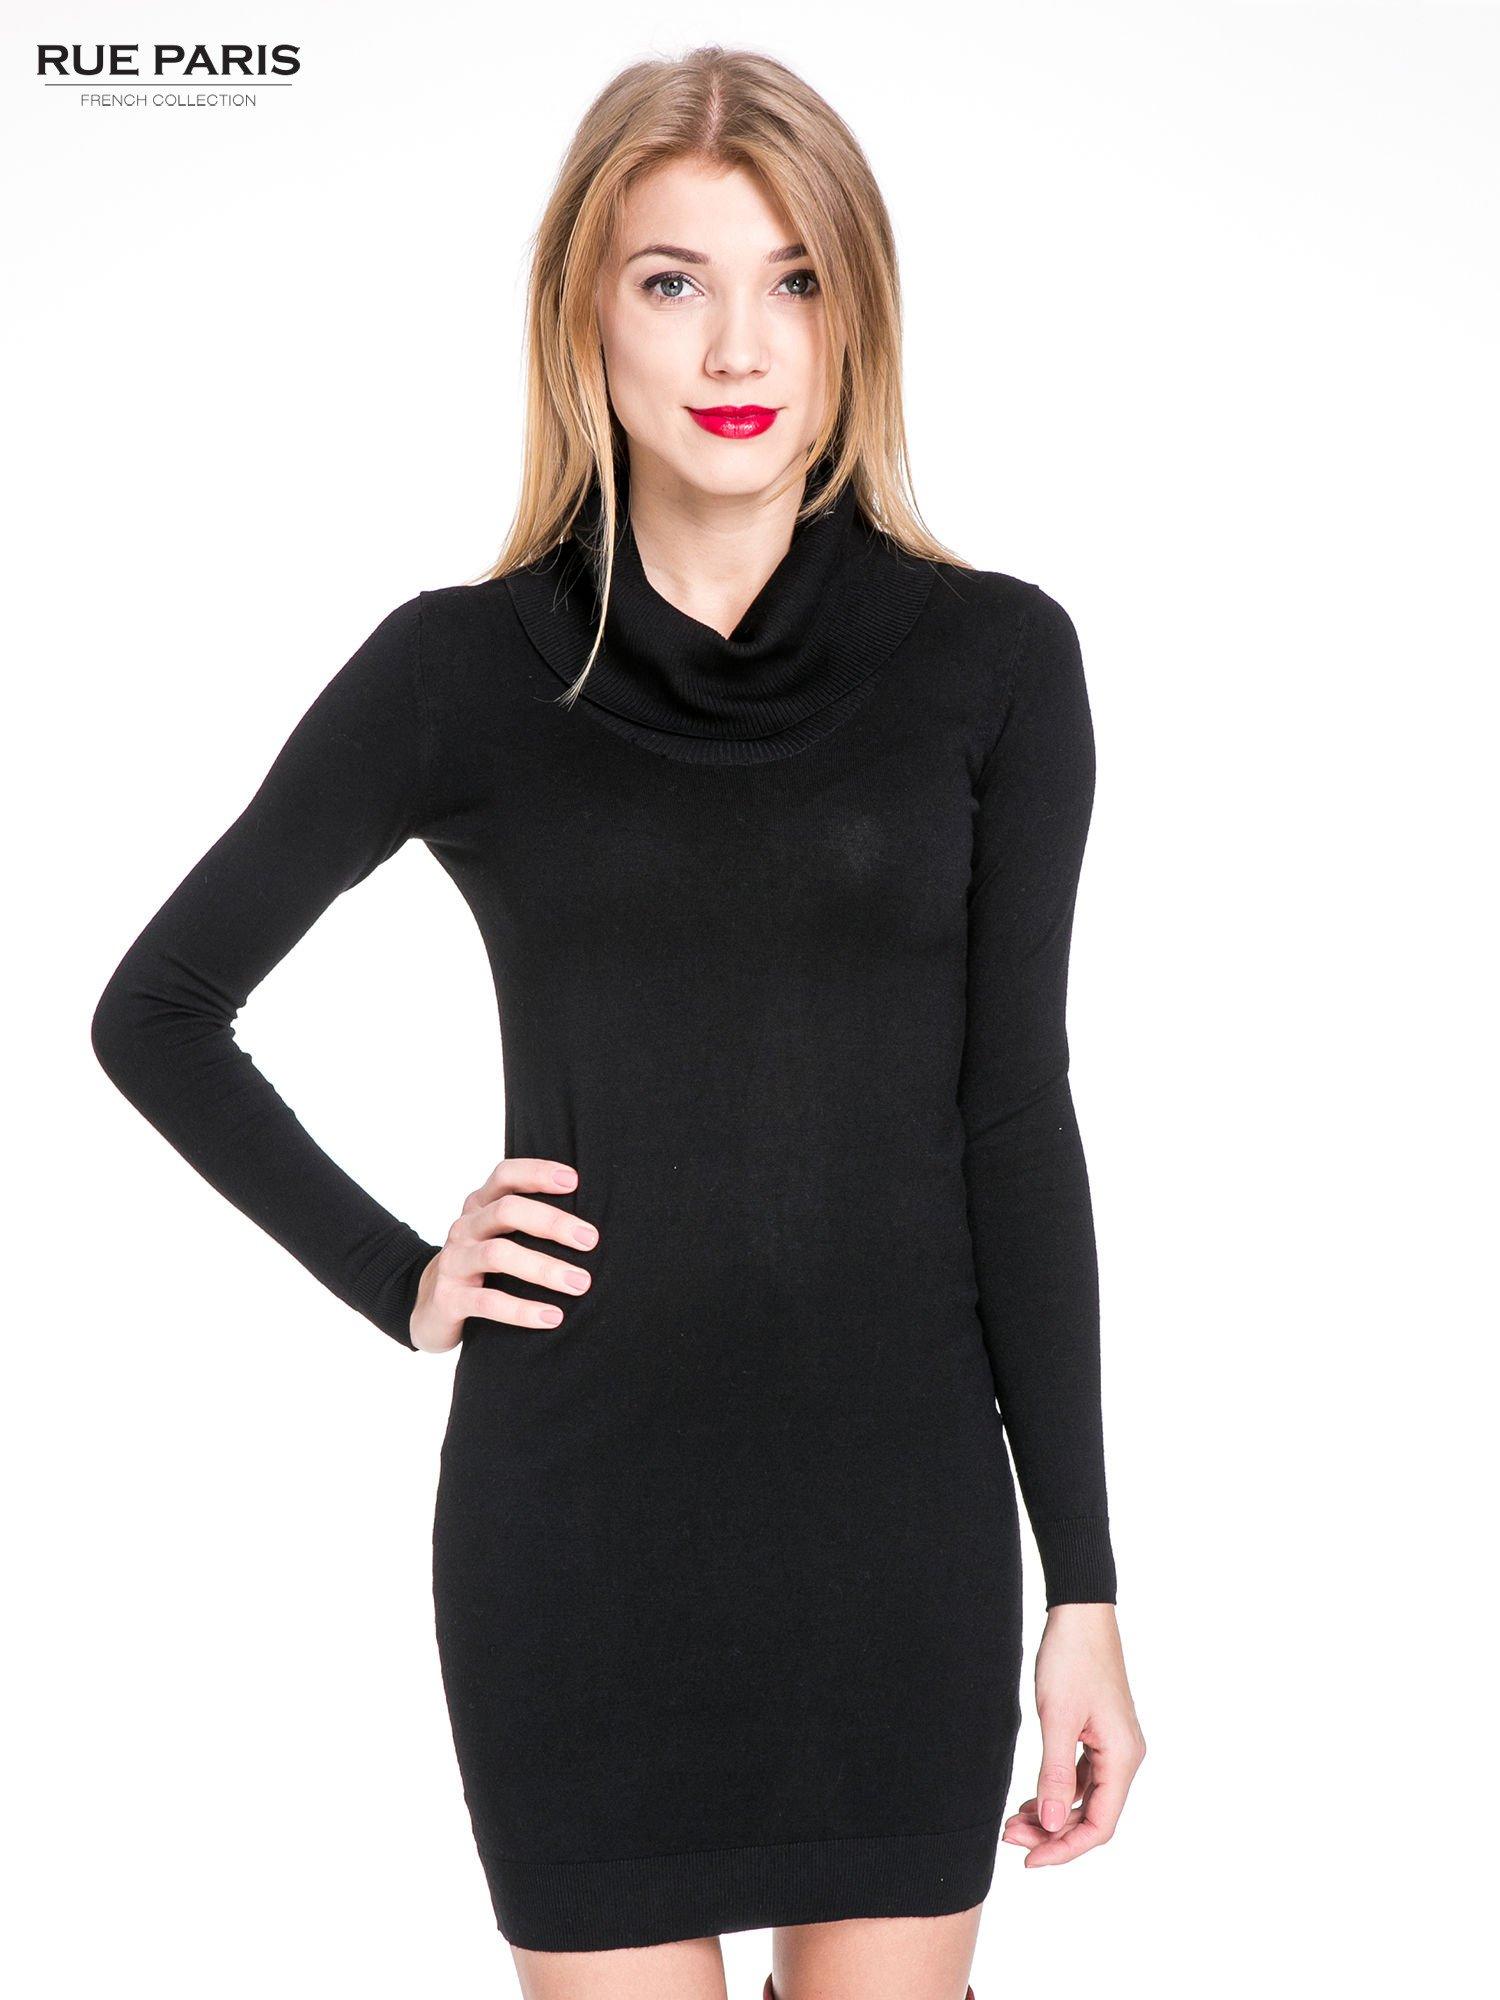 Czarna swetrowa sukienka z golfem                                  zdj.                                  2